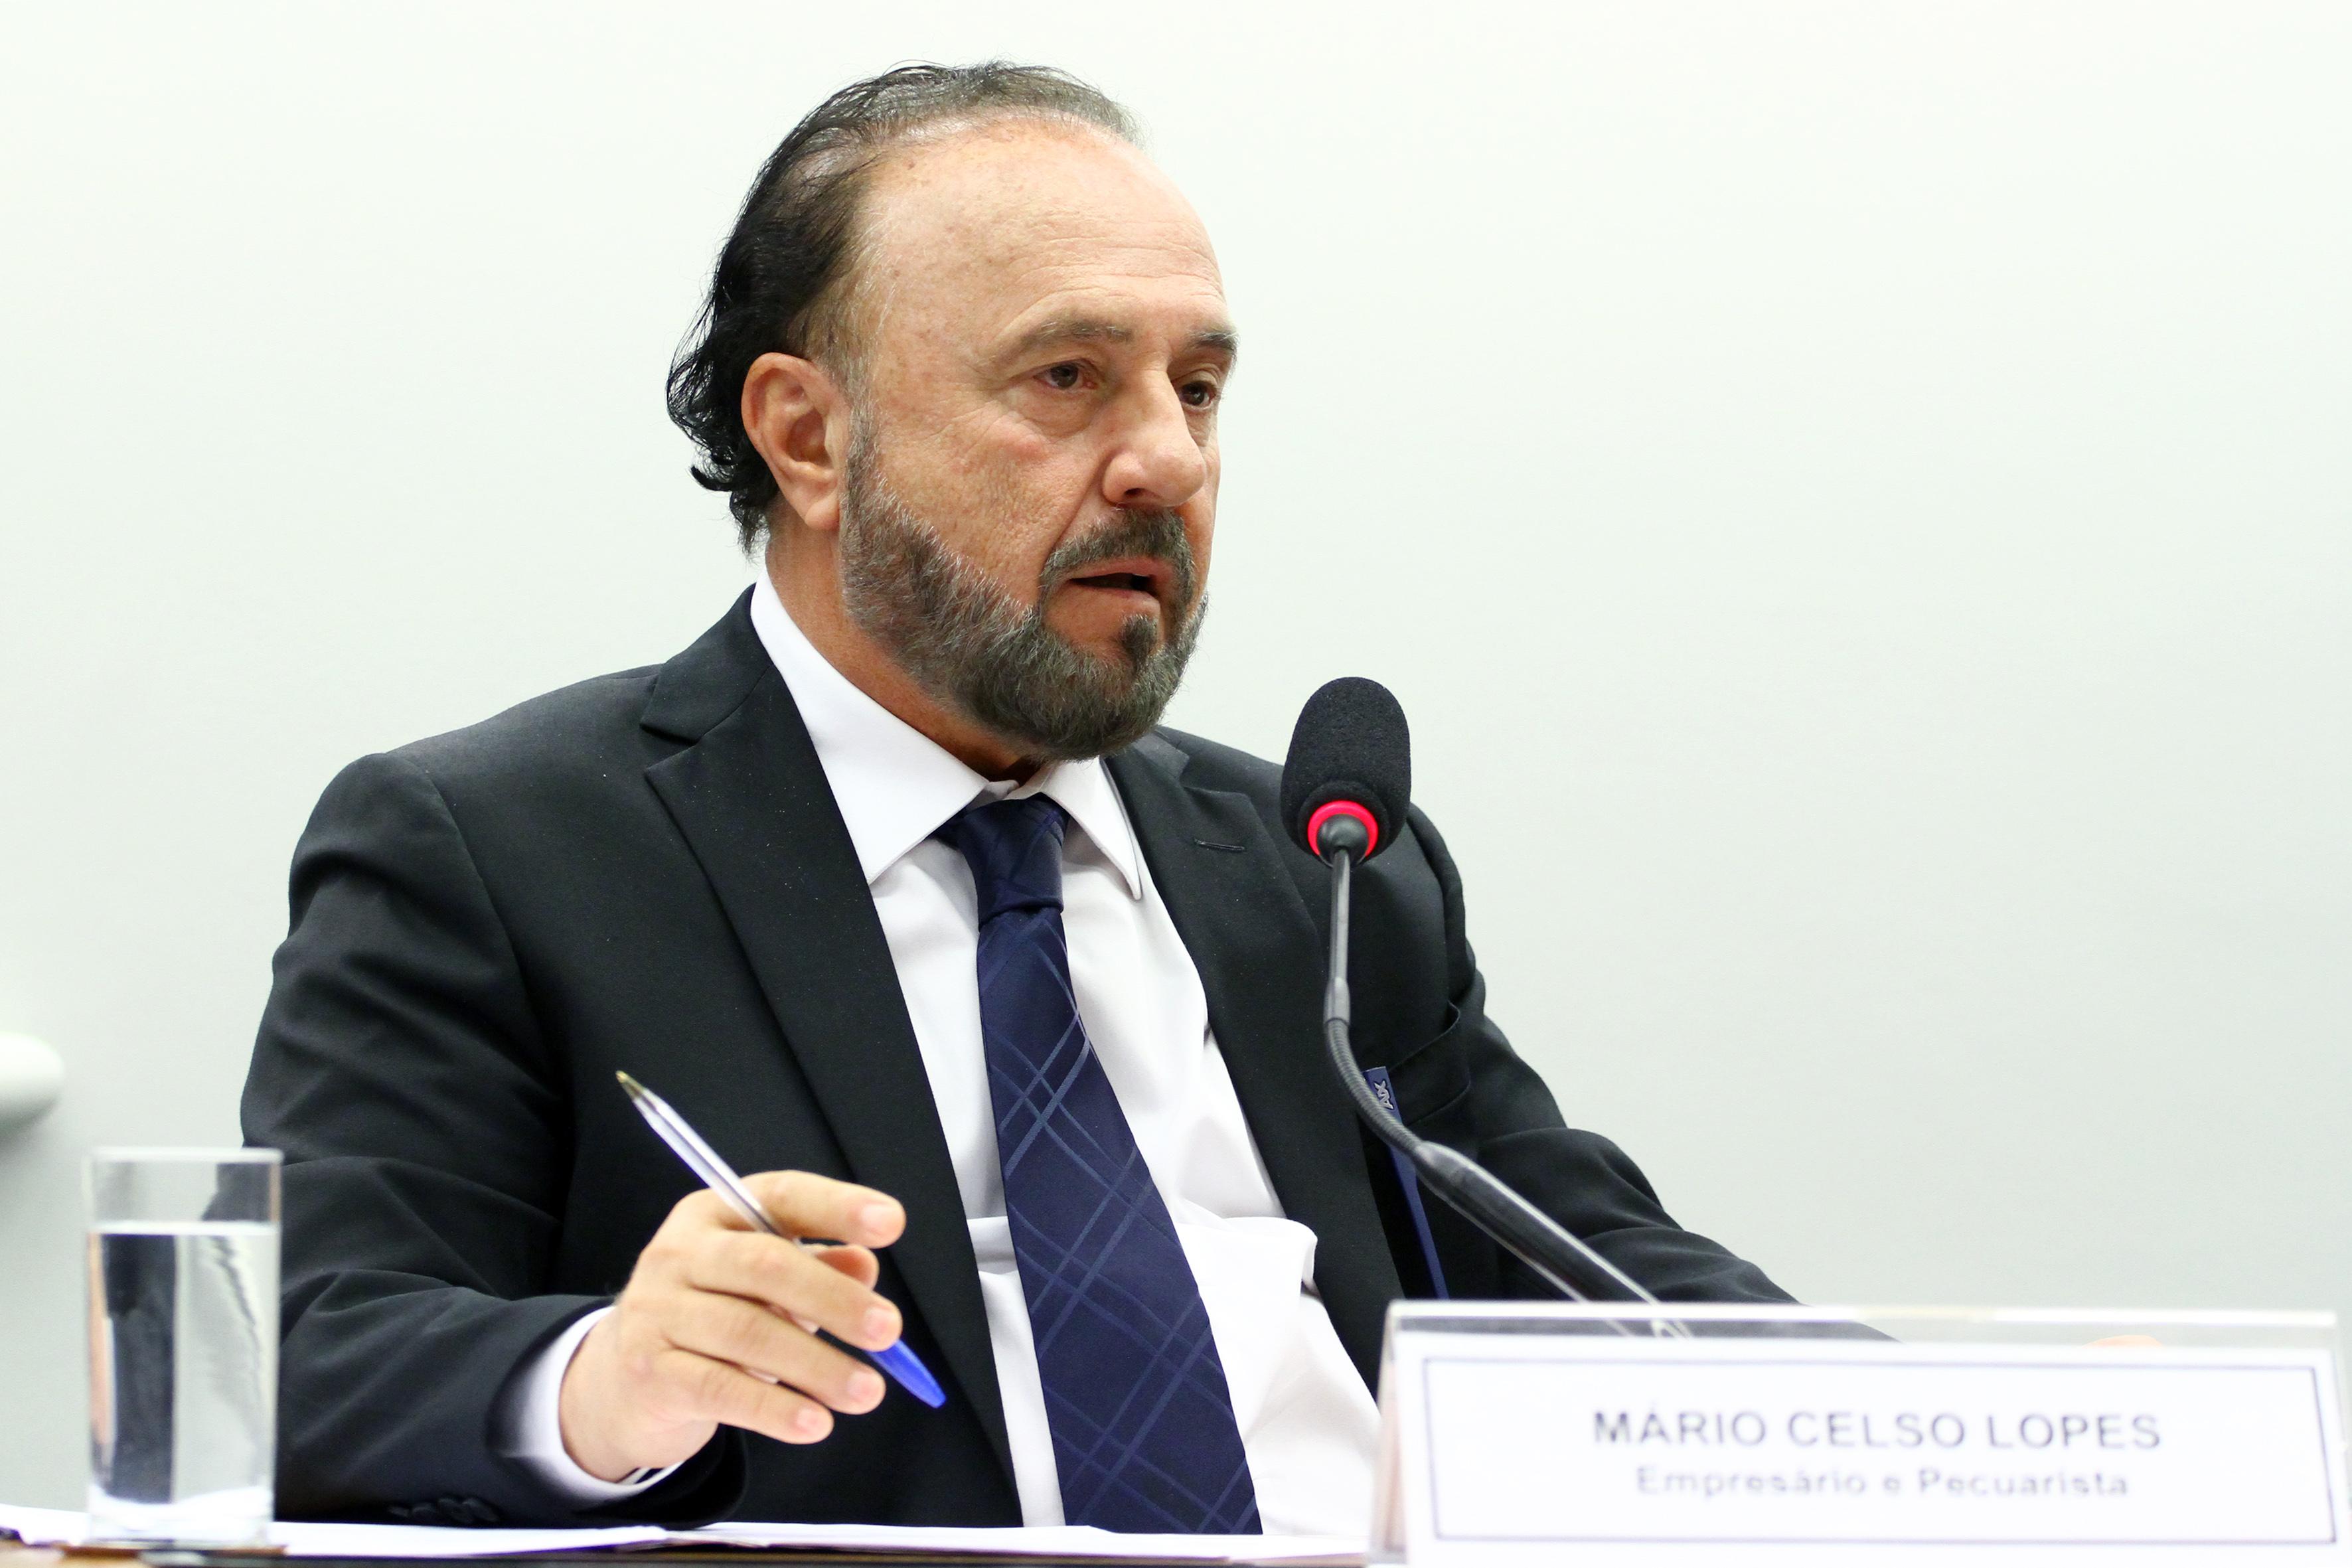 Reunião ordinária. Depoente, Mário Celso Lopes